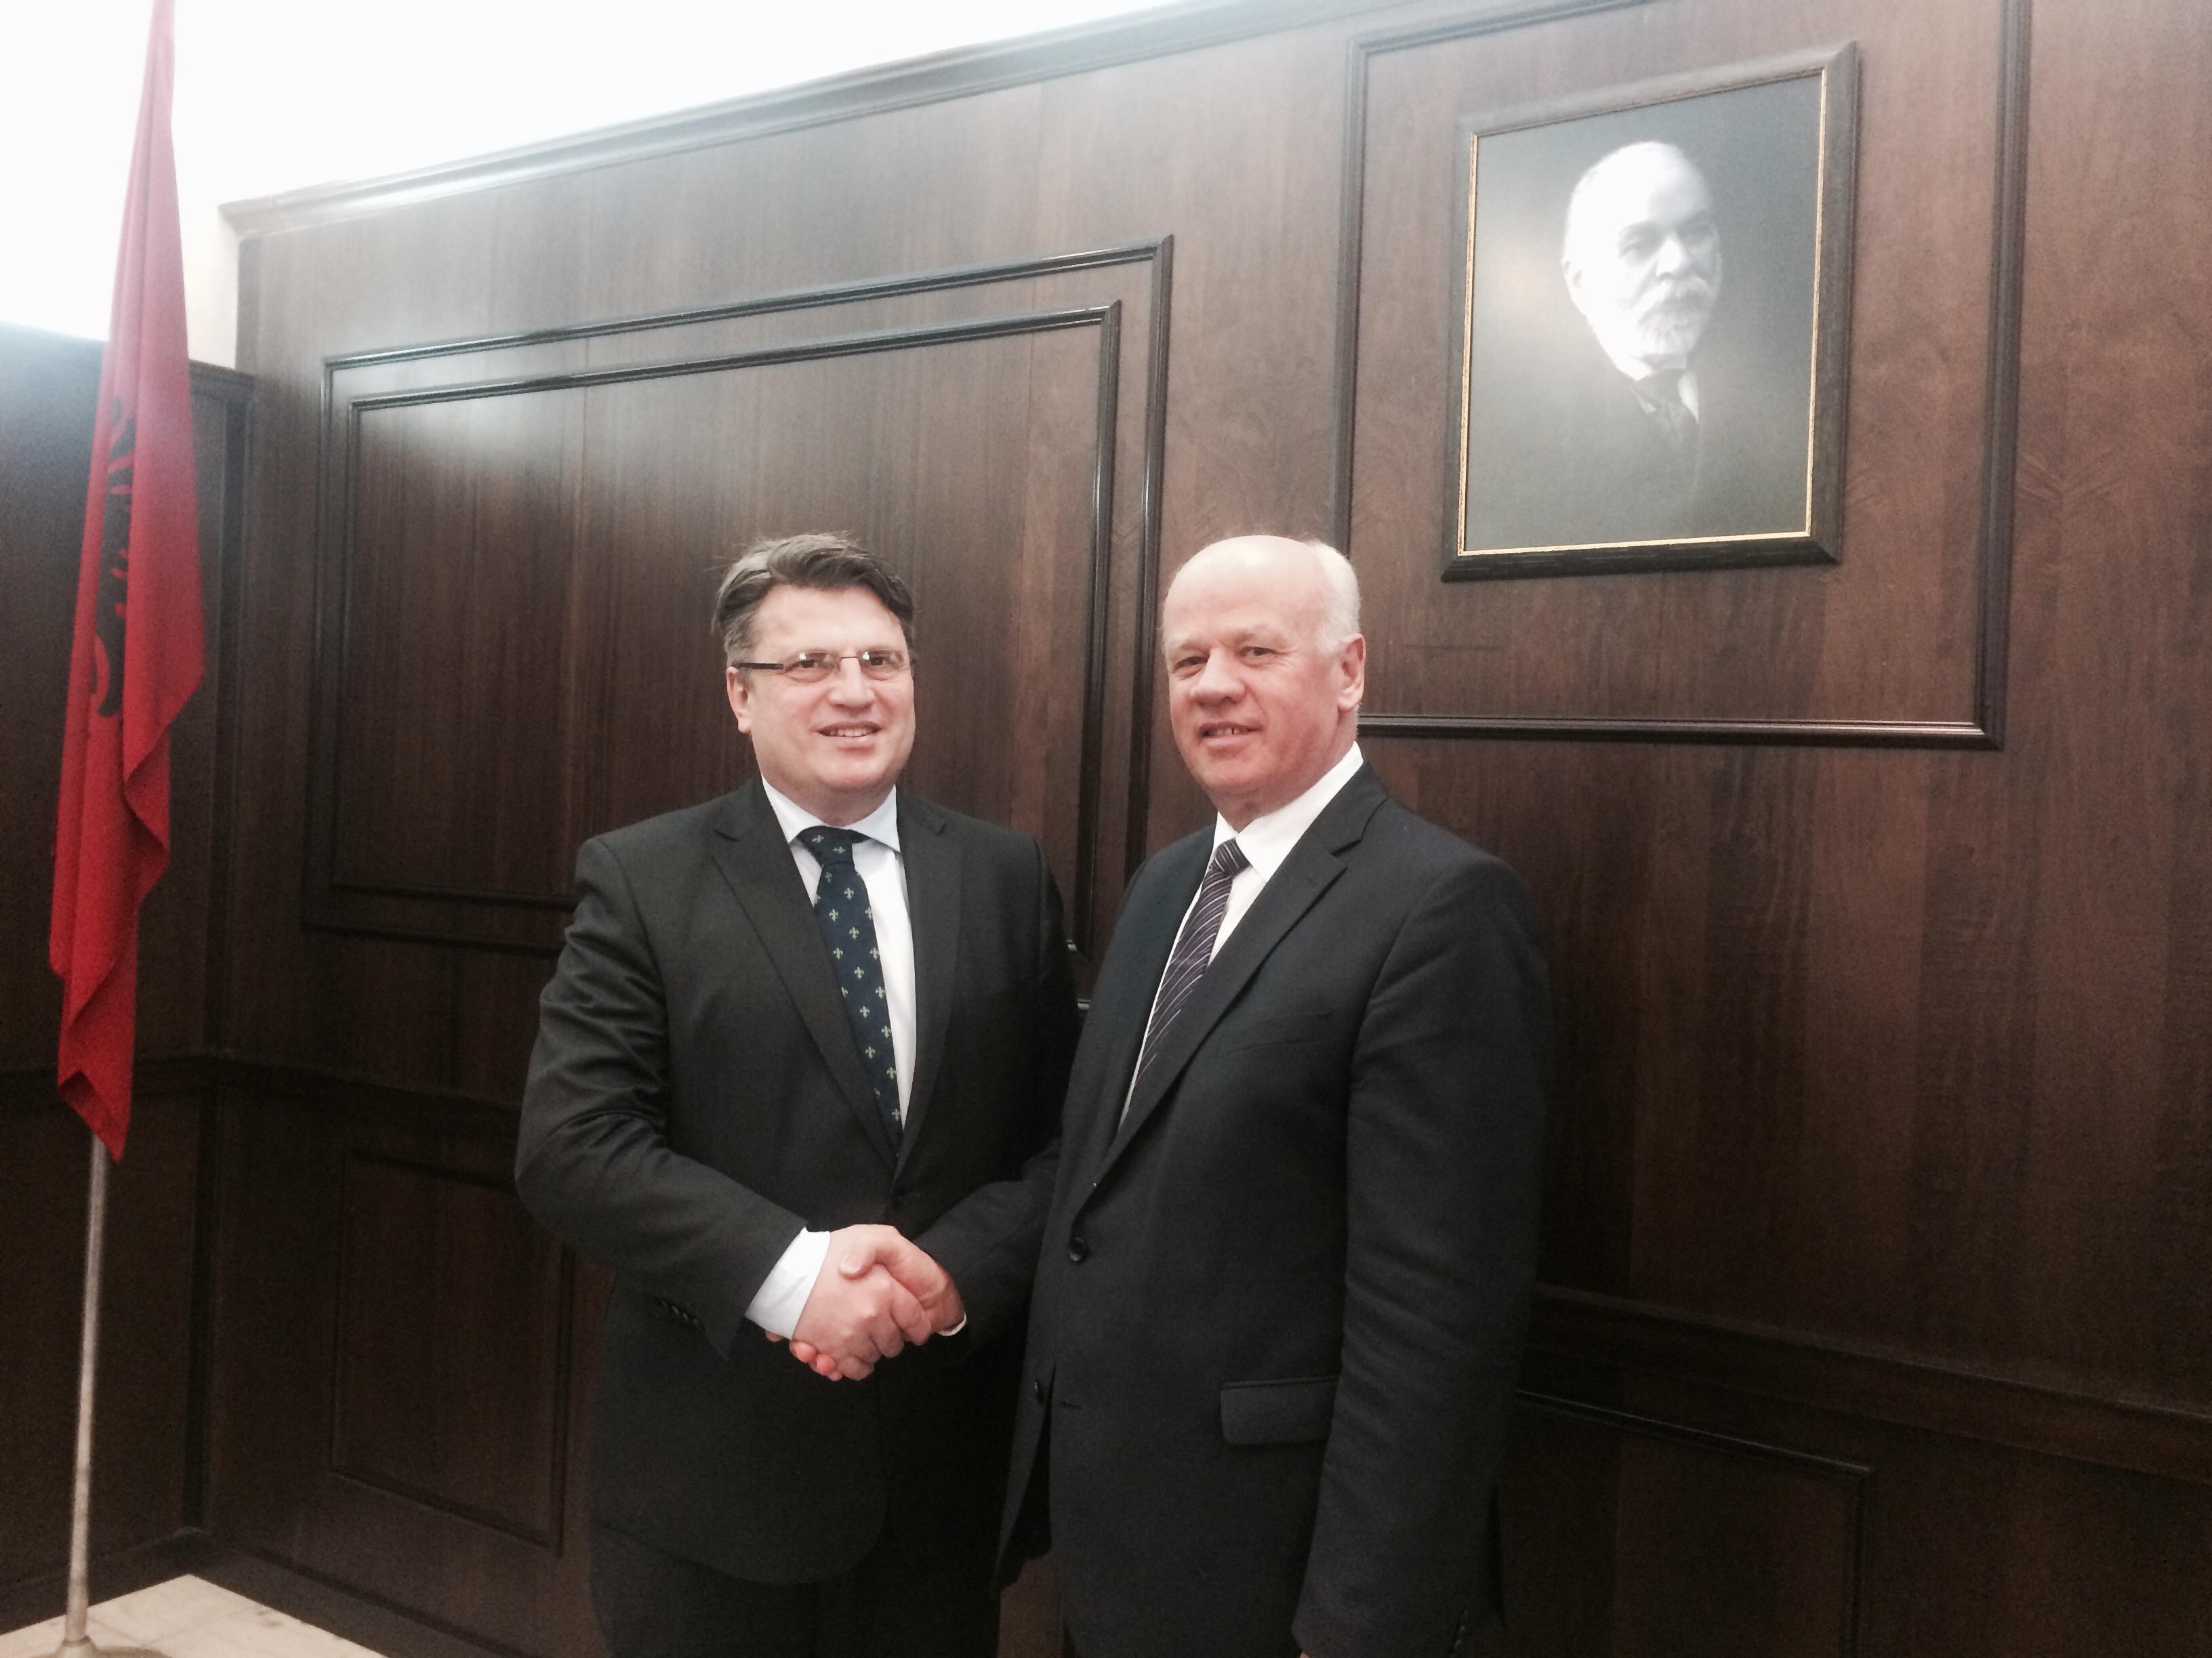 Kryetari i Gjykatës së Lartë Z. Xhezair Zaganjori, ka pritur të hënën në Gjykatën e Lartë Ministrin e Drejtësisë së Landit të Bavarisë z. Winfried Bausback, i cili shoqërohej në këtë vizitë nga anëtarë të stafit të tij